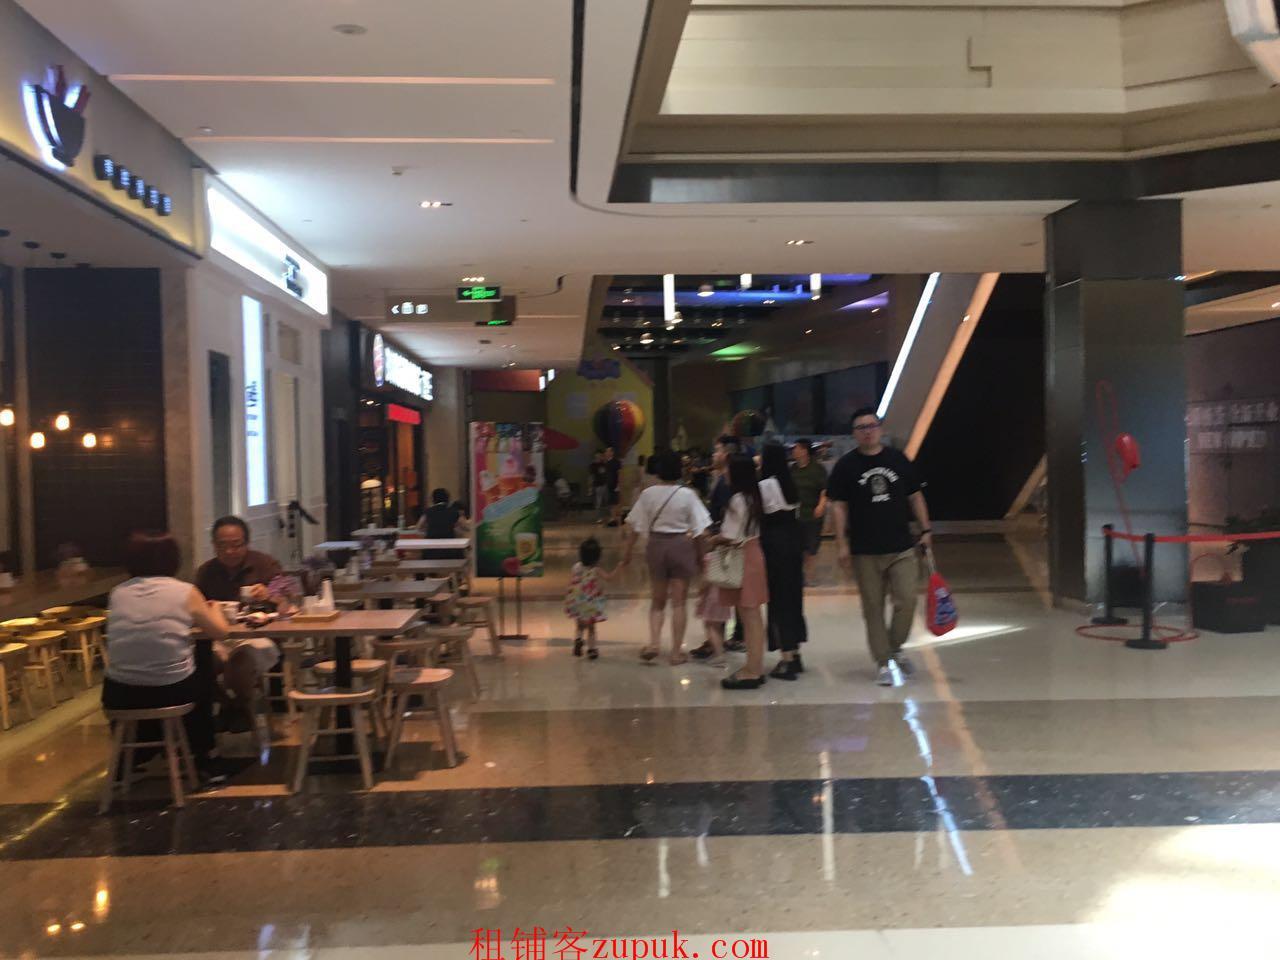 龙之梦购物广场 中山公园地铁口 消费力高